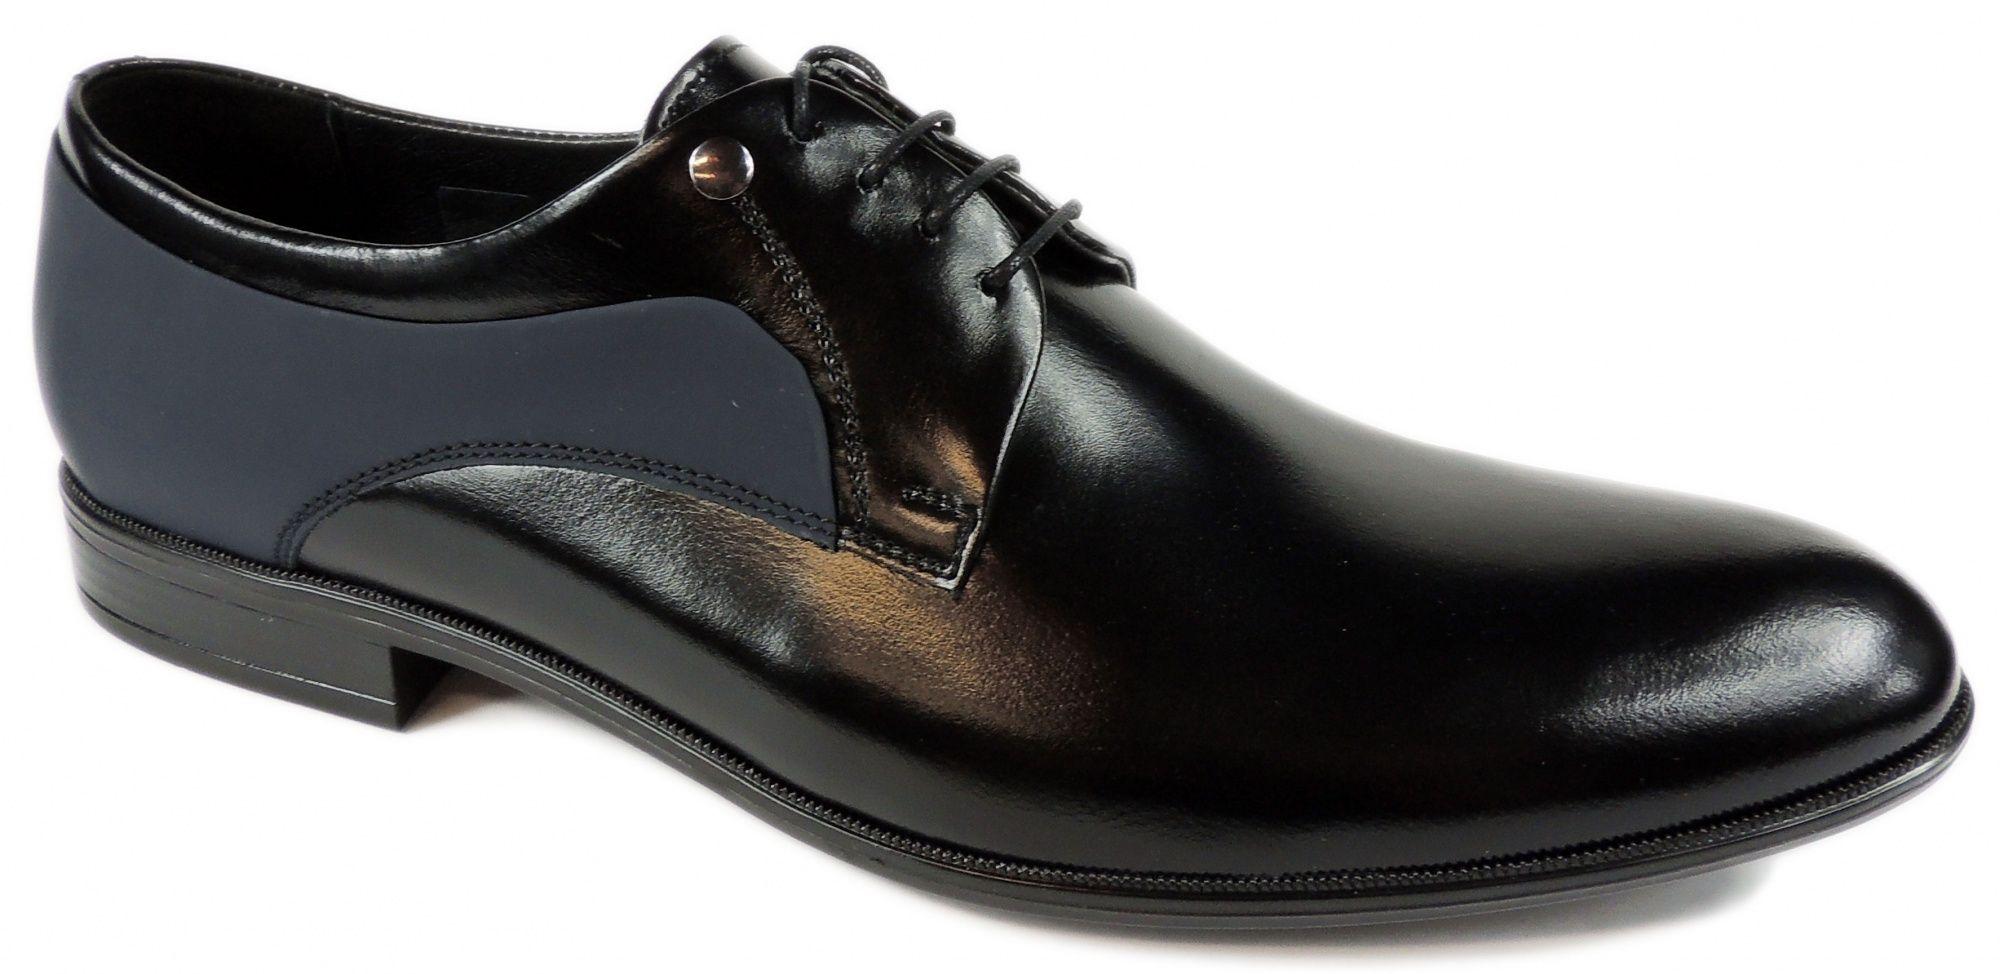 Polbuty 1750355m Wizytowe Intershoe Com Pl Dress Shoes Men Dress Shoes Oxford Shoes